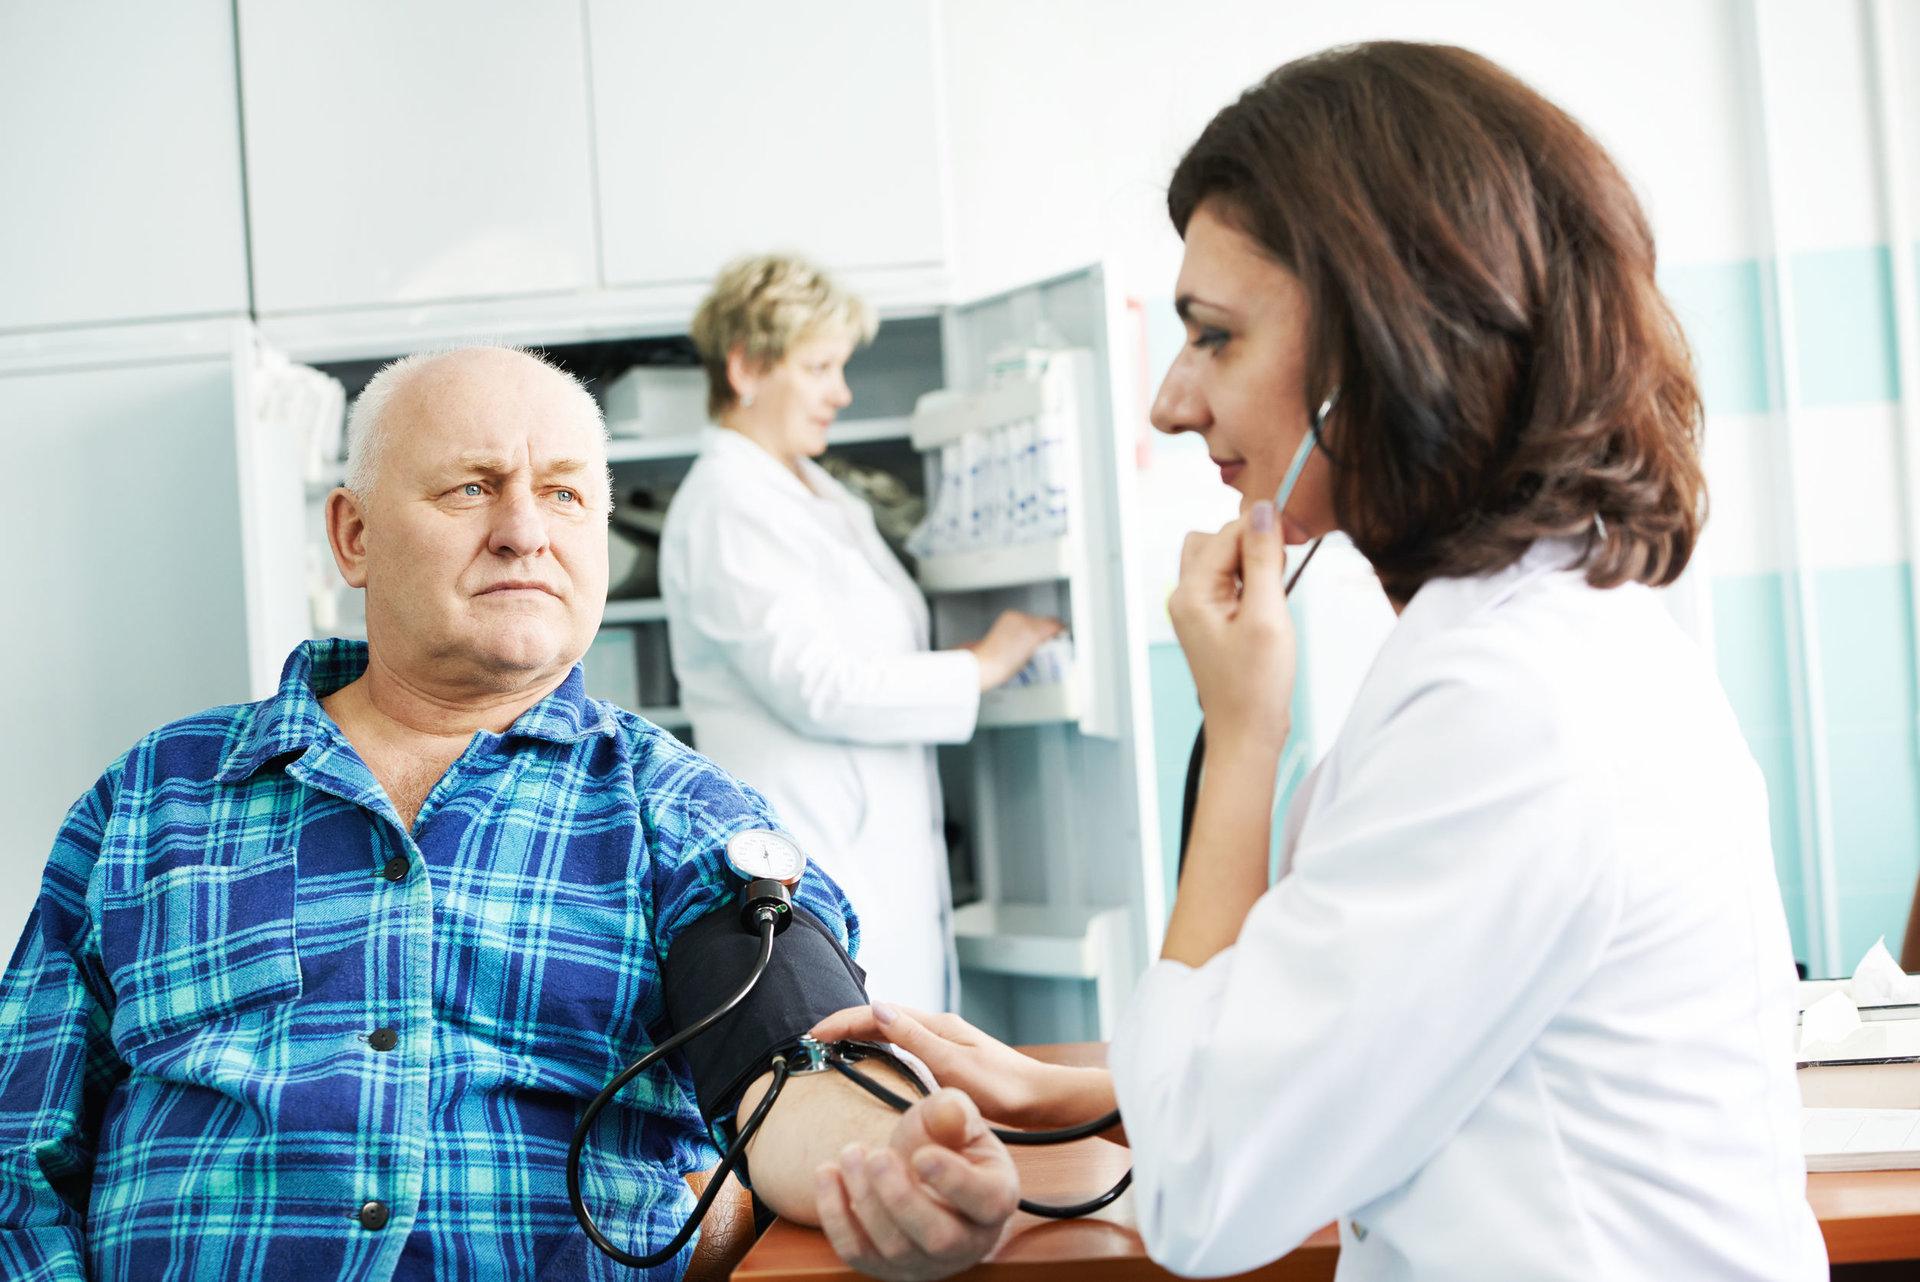 Šiaurietiško ėjimo hipertenzija apžvalgos dietos hipertenzijai meniu per savaitę